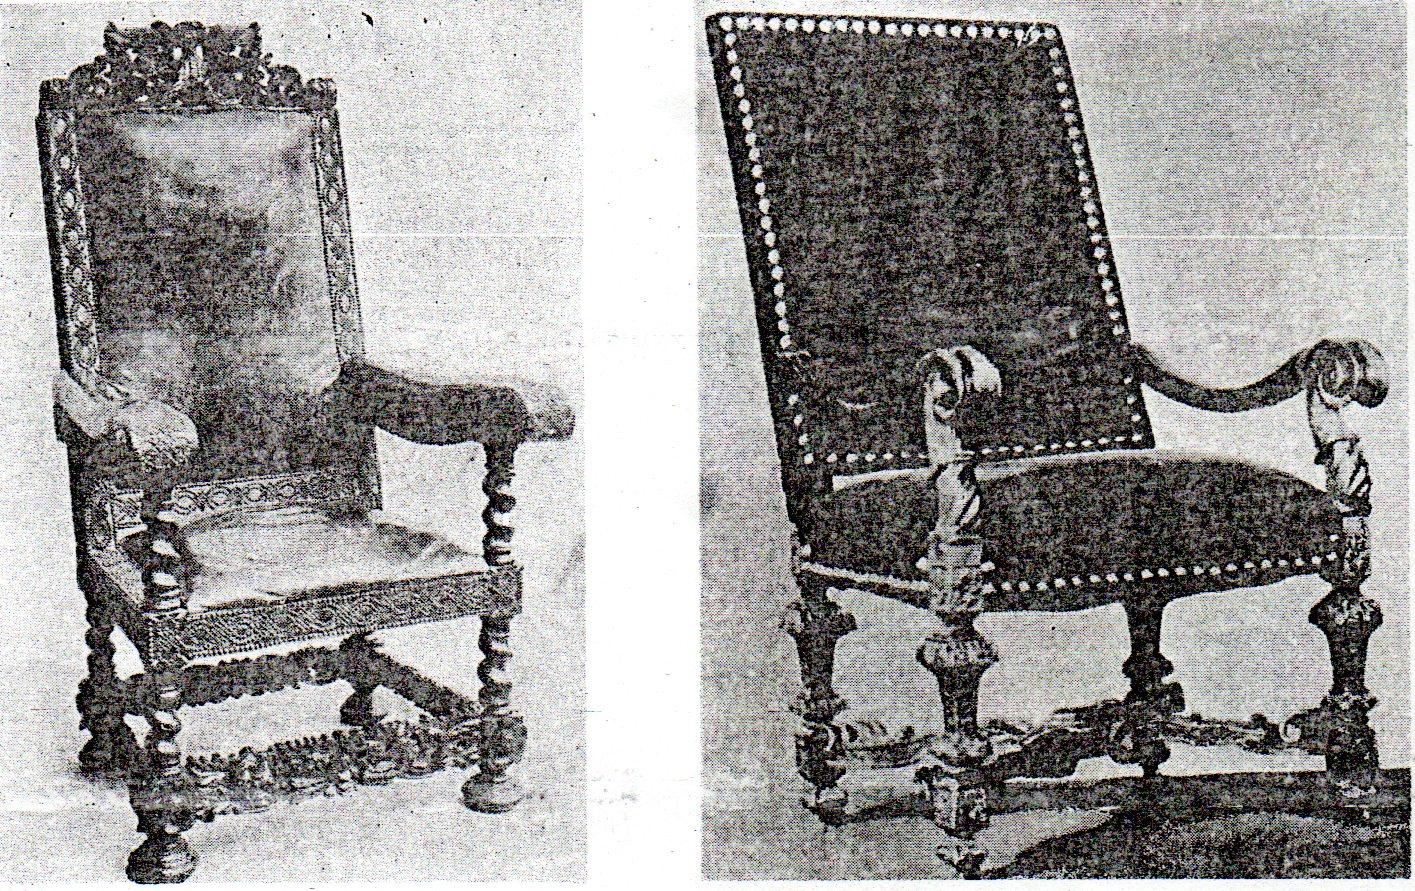 Historiadelmueble licensed for non commercial use only 22 el mueble en el barroco - Muebles el siglo ...